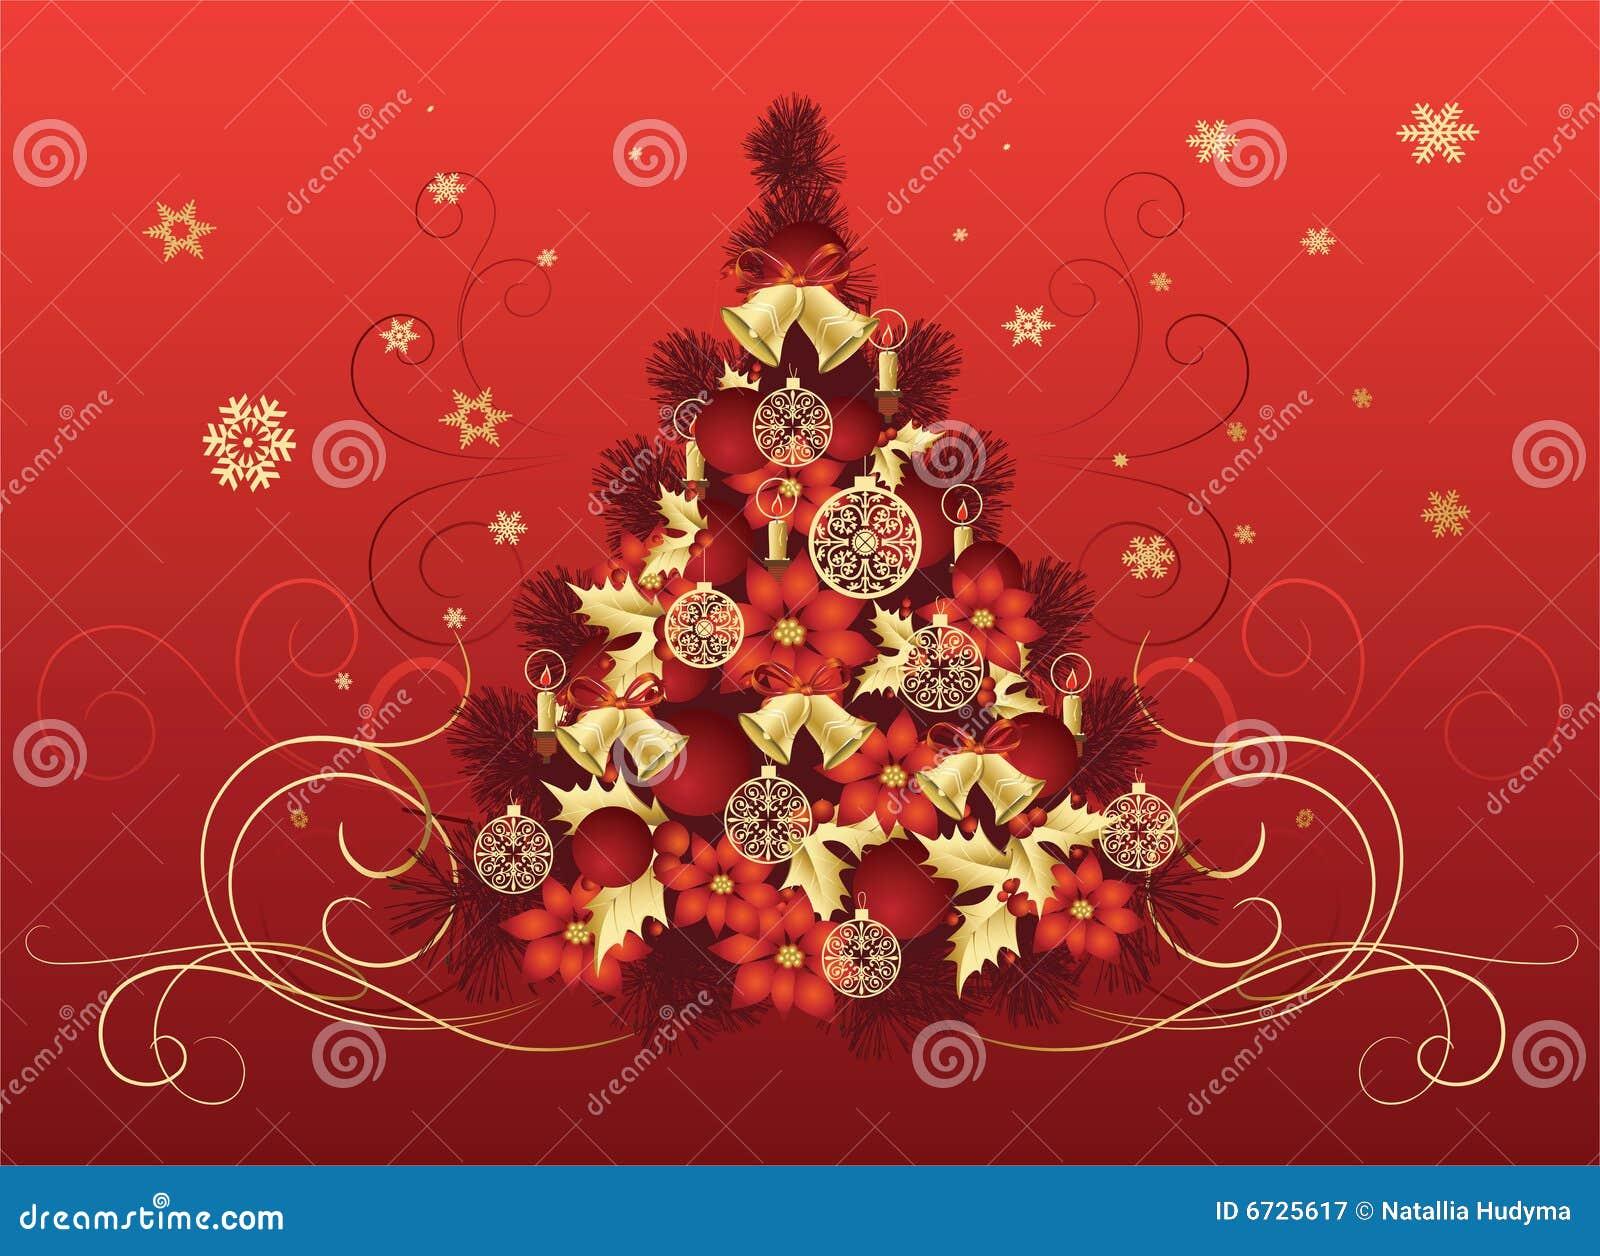 Dise o del rbol de navidad fotograf a de archivo libre de - Arbol de navidad diseno ...